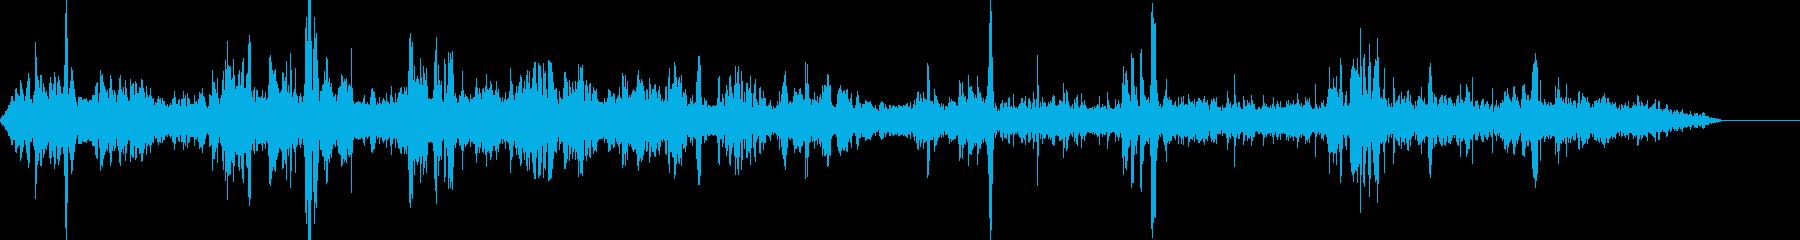 イスラエルのマーケットプレイス、商...の再生済みの波形